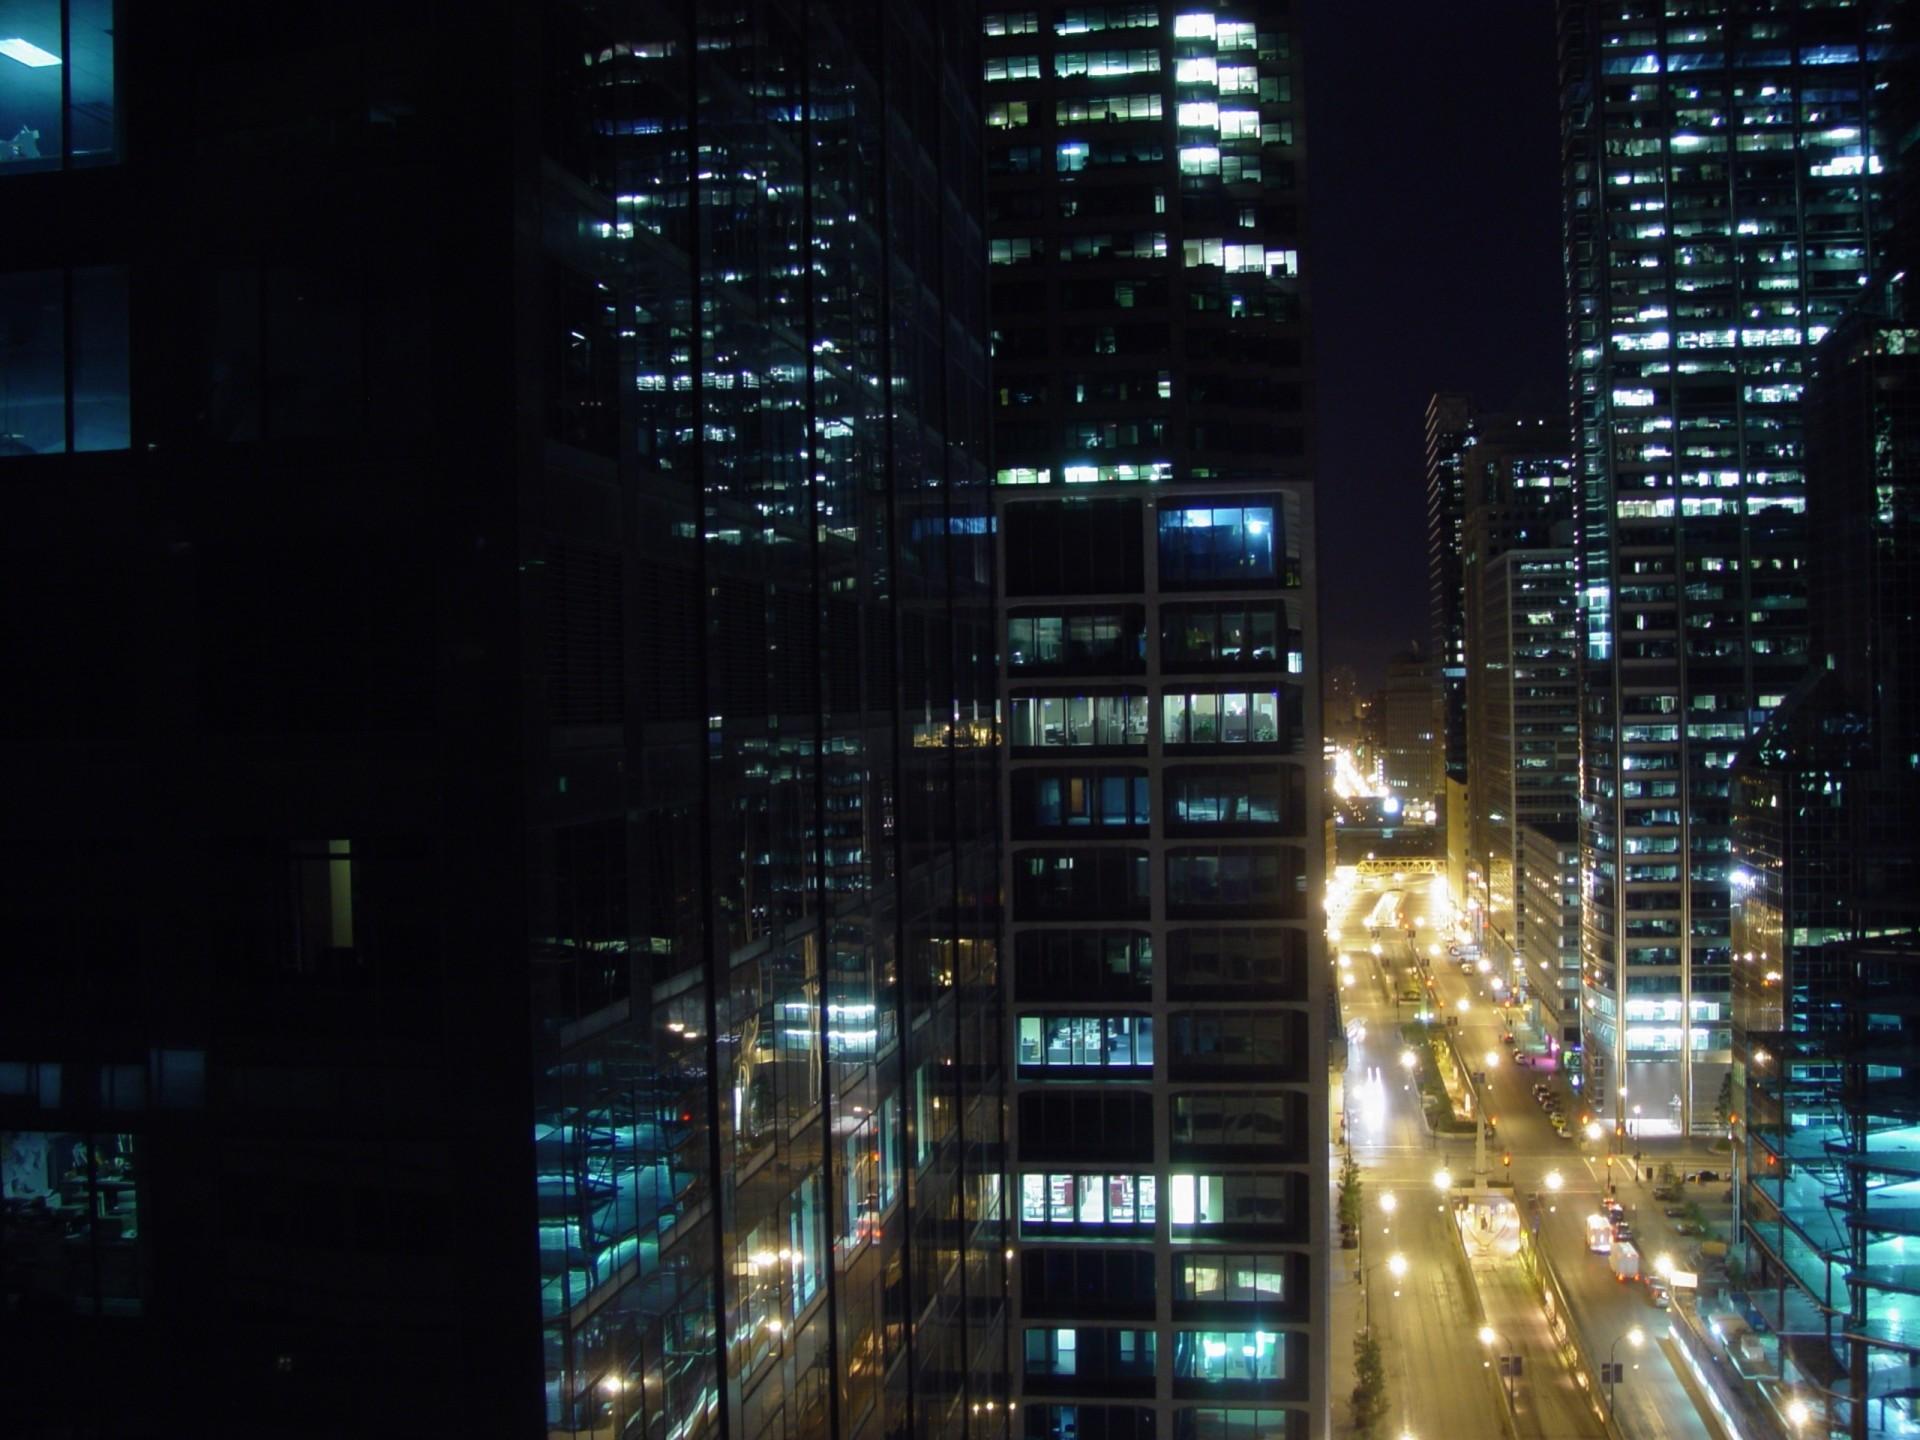 зять картинки домов в городе ночью правовая